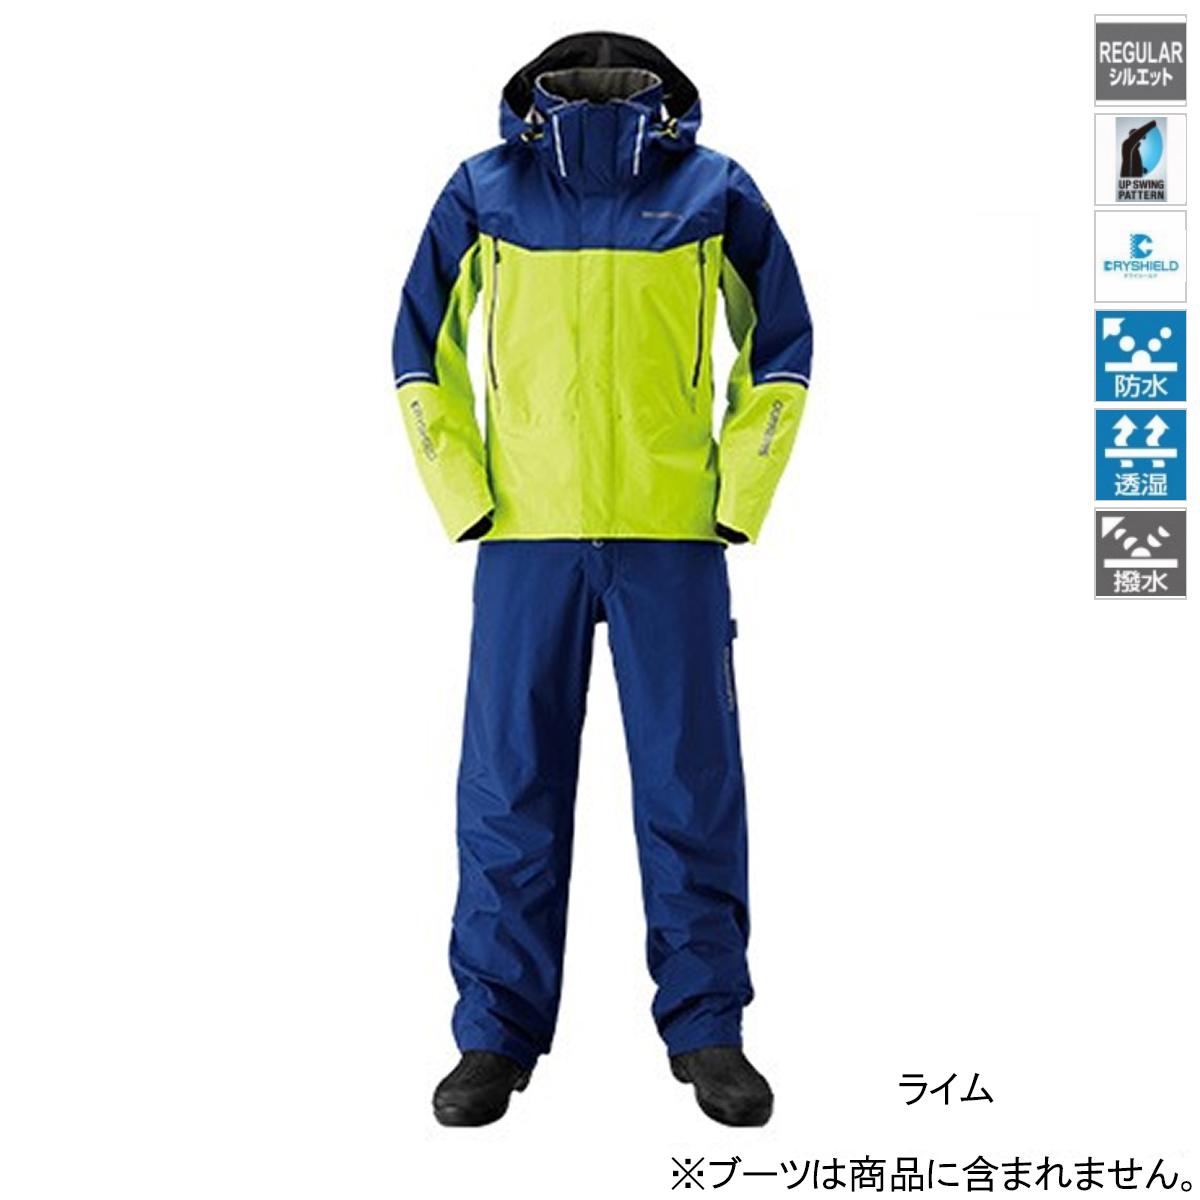 【8月30日エントリーで最大P36倍!】シマノ DSアドバンススーツ RA-025S M ライム